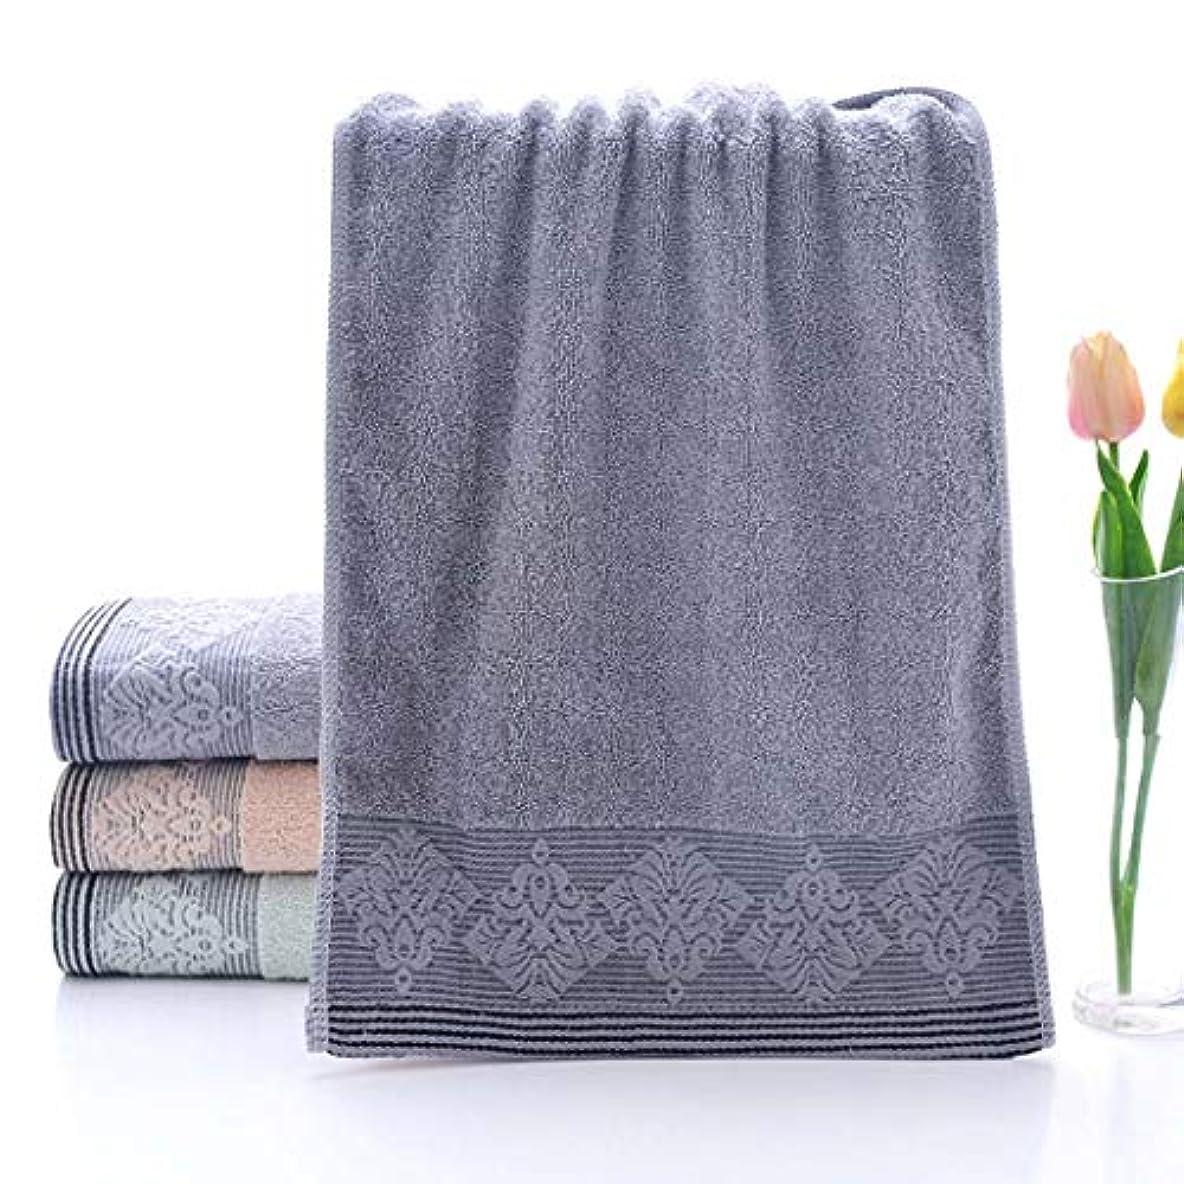 友情航空会社プラス綿のタオルの速い乾燥したタオルのスポーツタオルの容易な心配,Gray,33*73cm